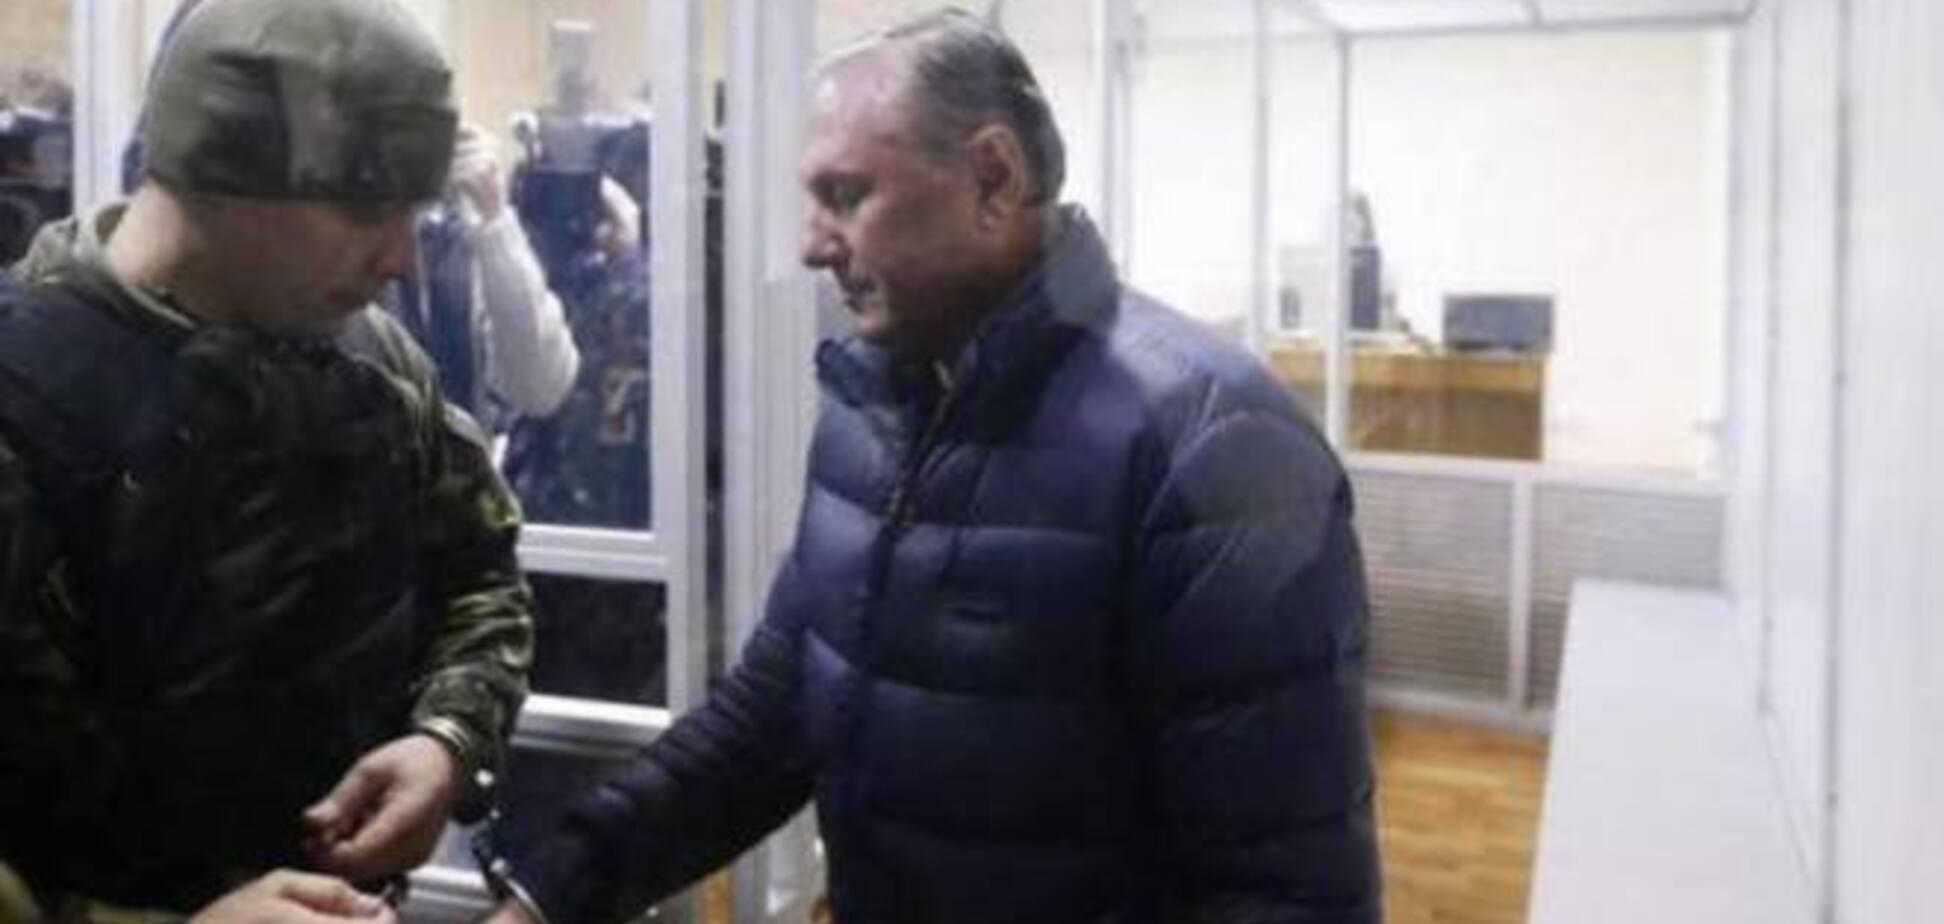 Ефремов просит не оставлять его за решеткой и божится, что не сбежит из Украины